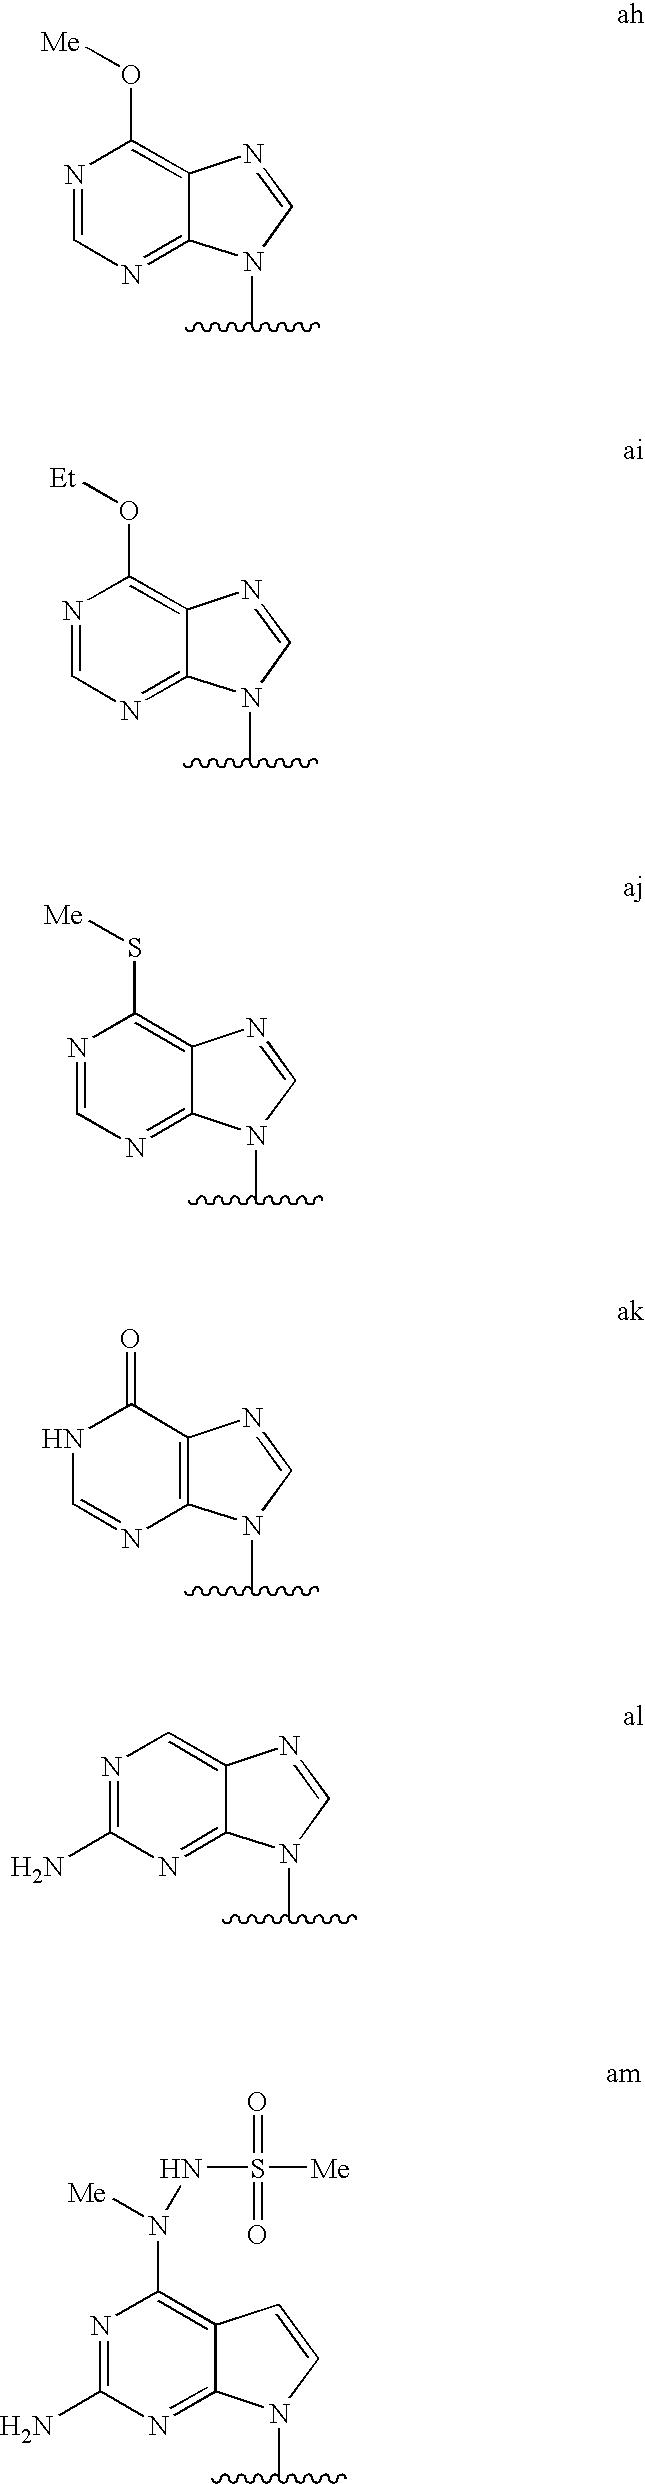 Figure US08173621-20120508-C00040